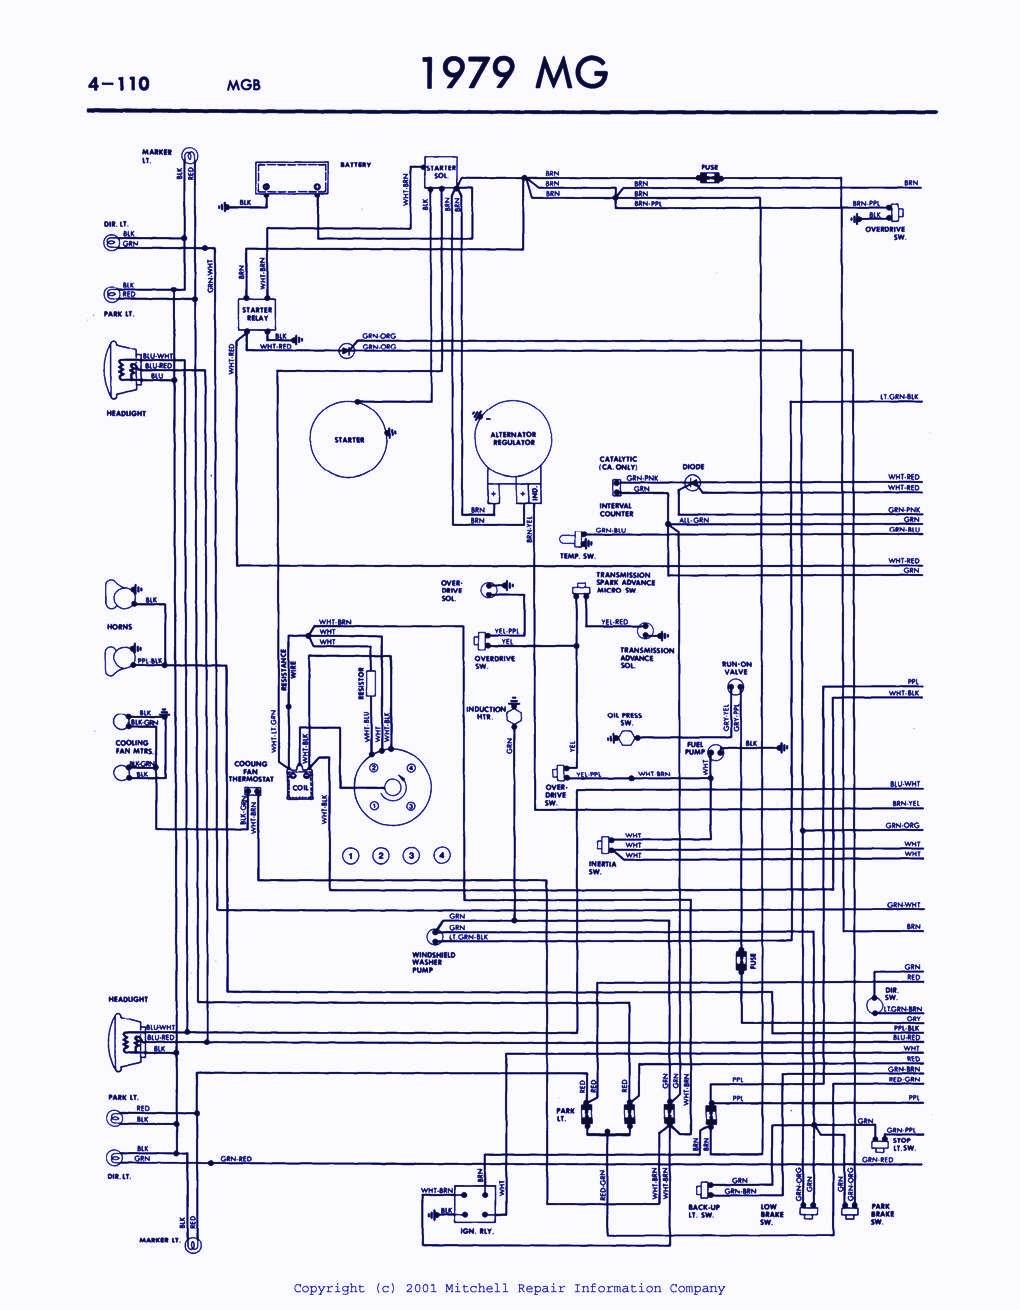 Mercedes Clk 430 Wiring Diagram Somurichcom